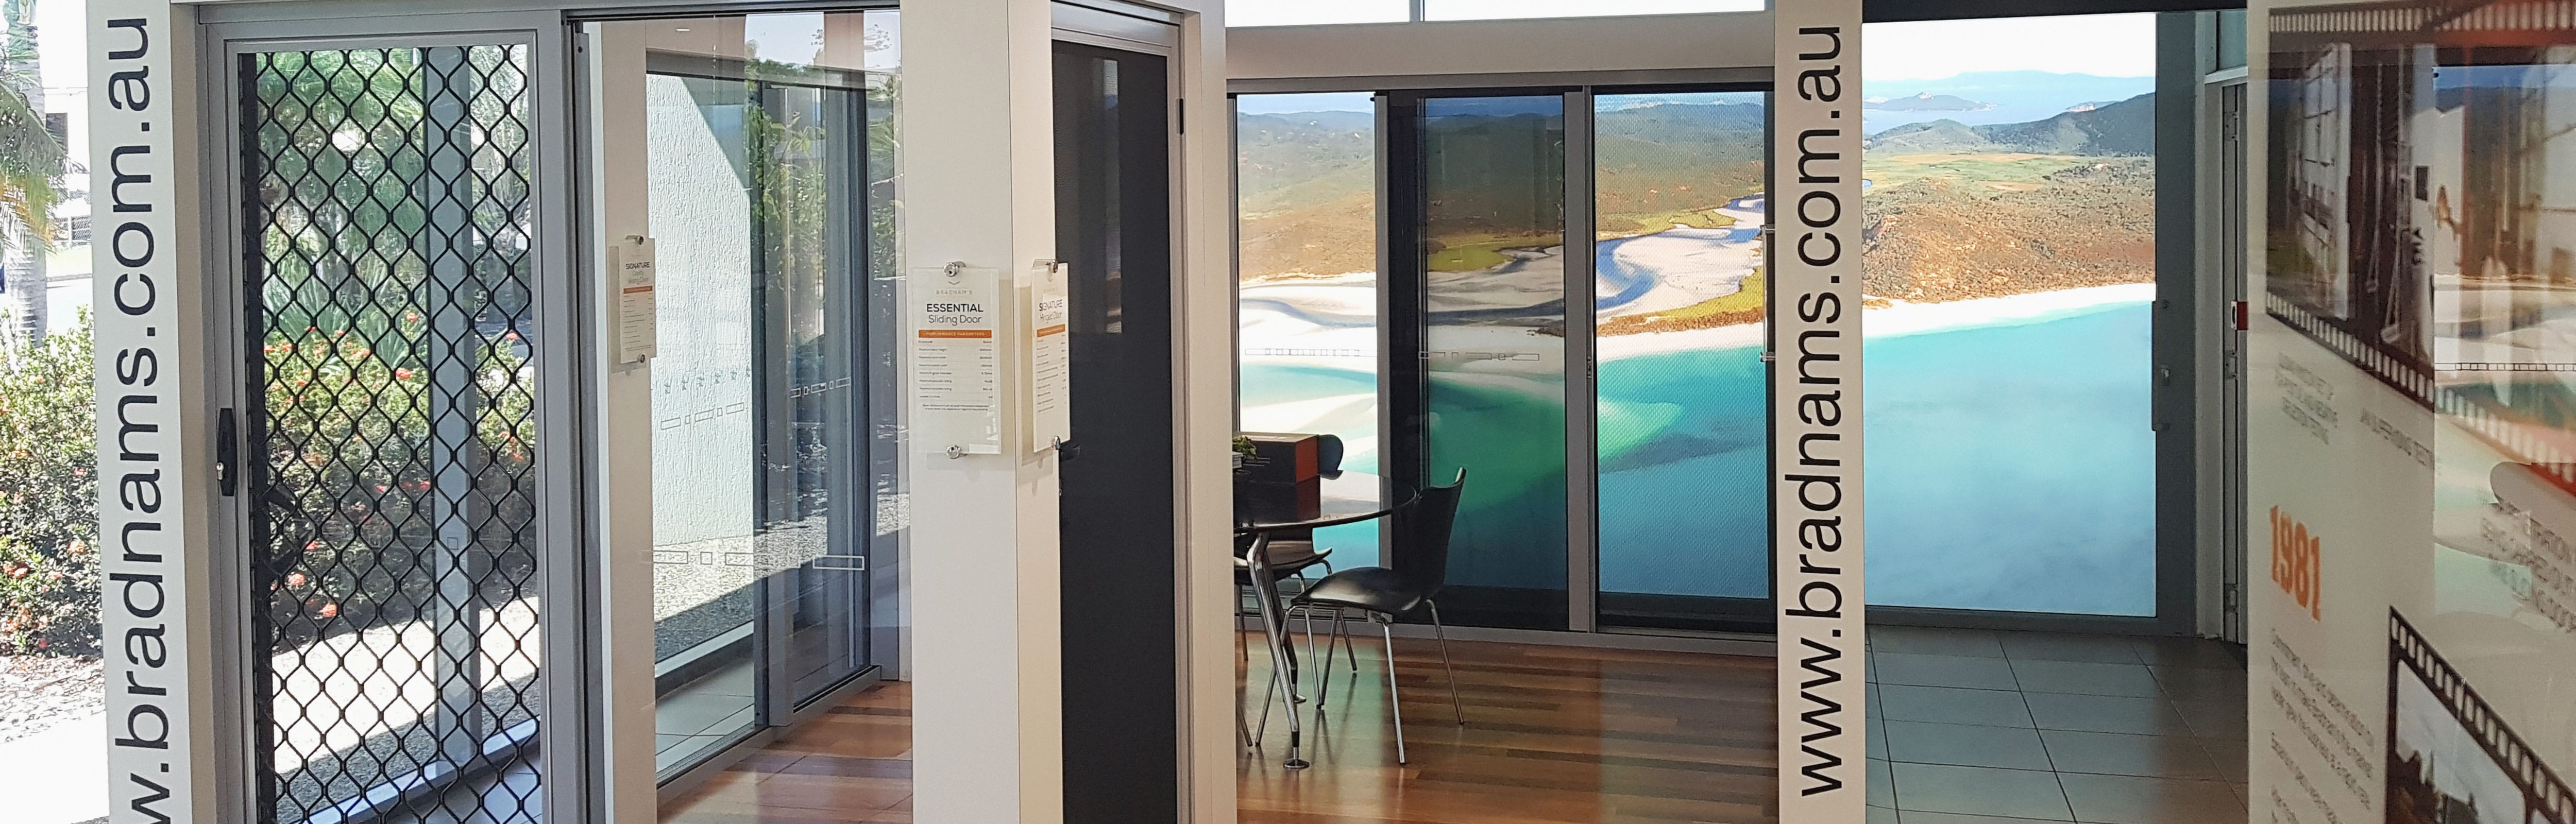 Bradnam's Windows & Doors Rockhampton showroom